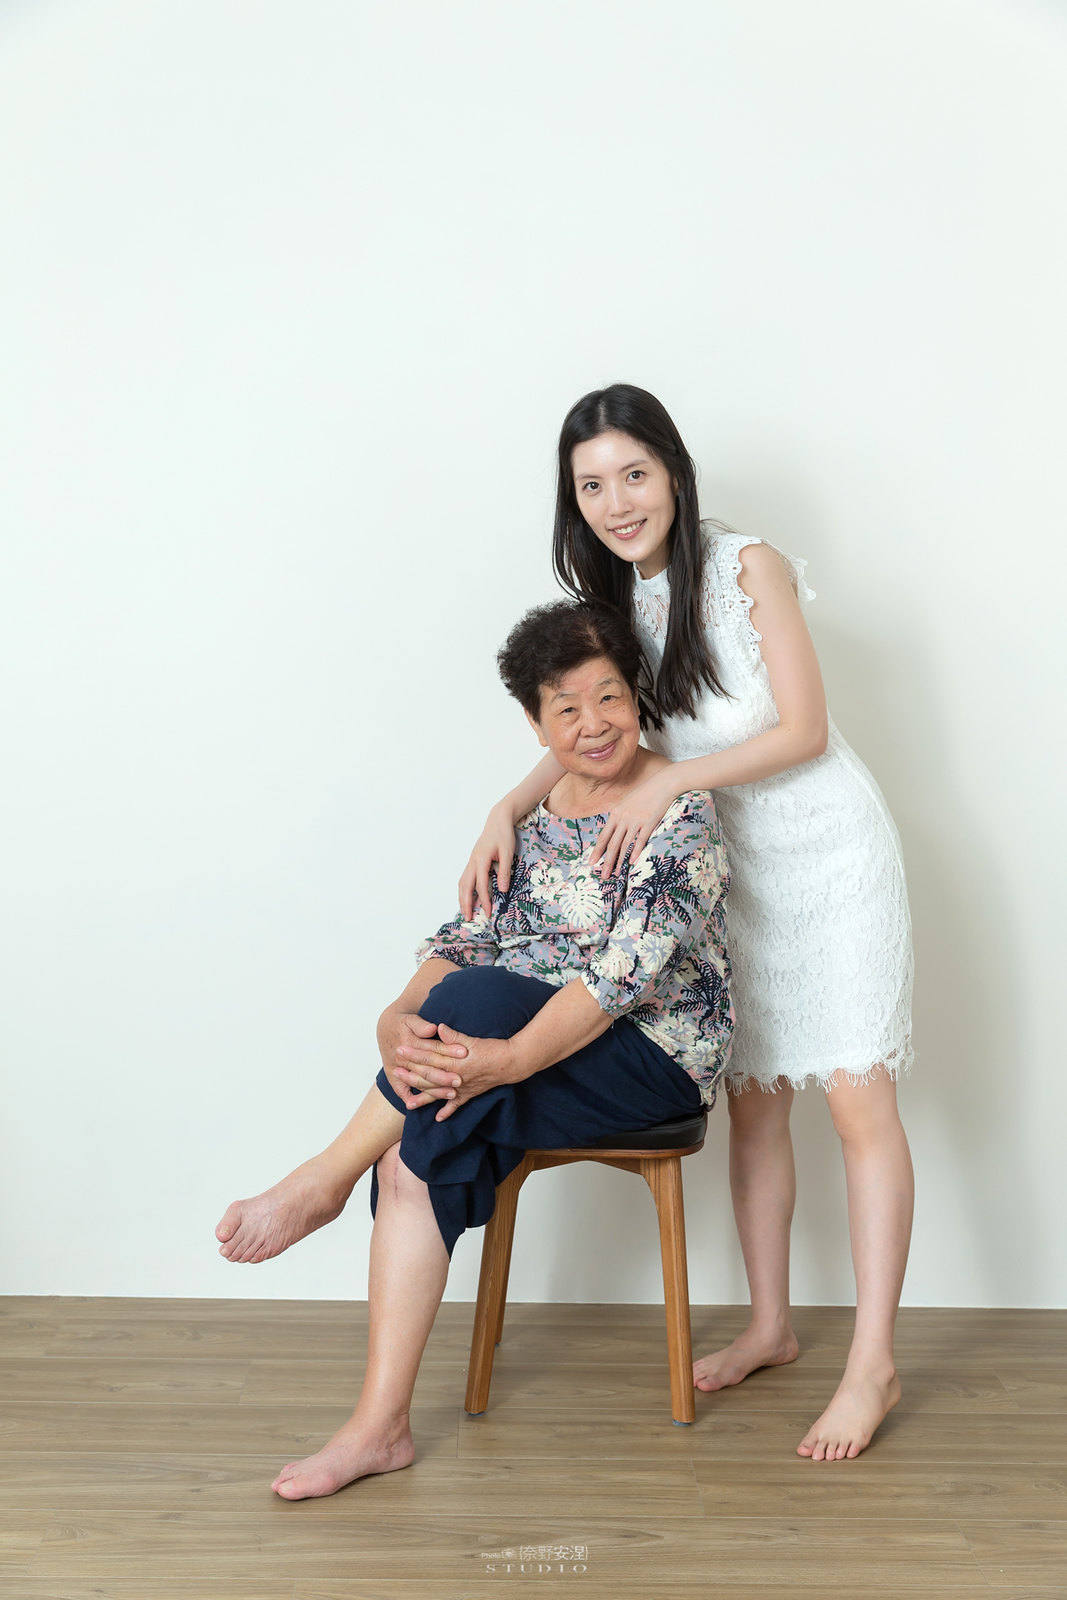 台南全家福 | 拋棄傳統合照的彆扭,忠實呈現家人間最親密的情感30